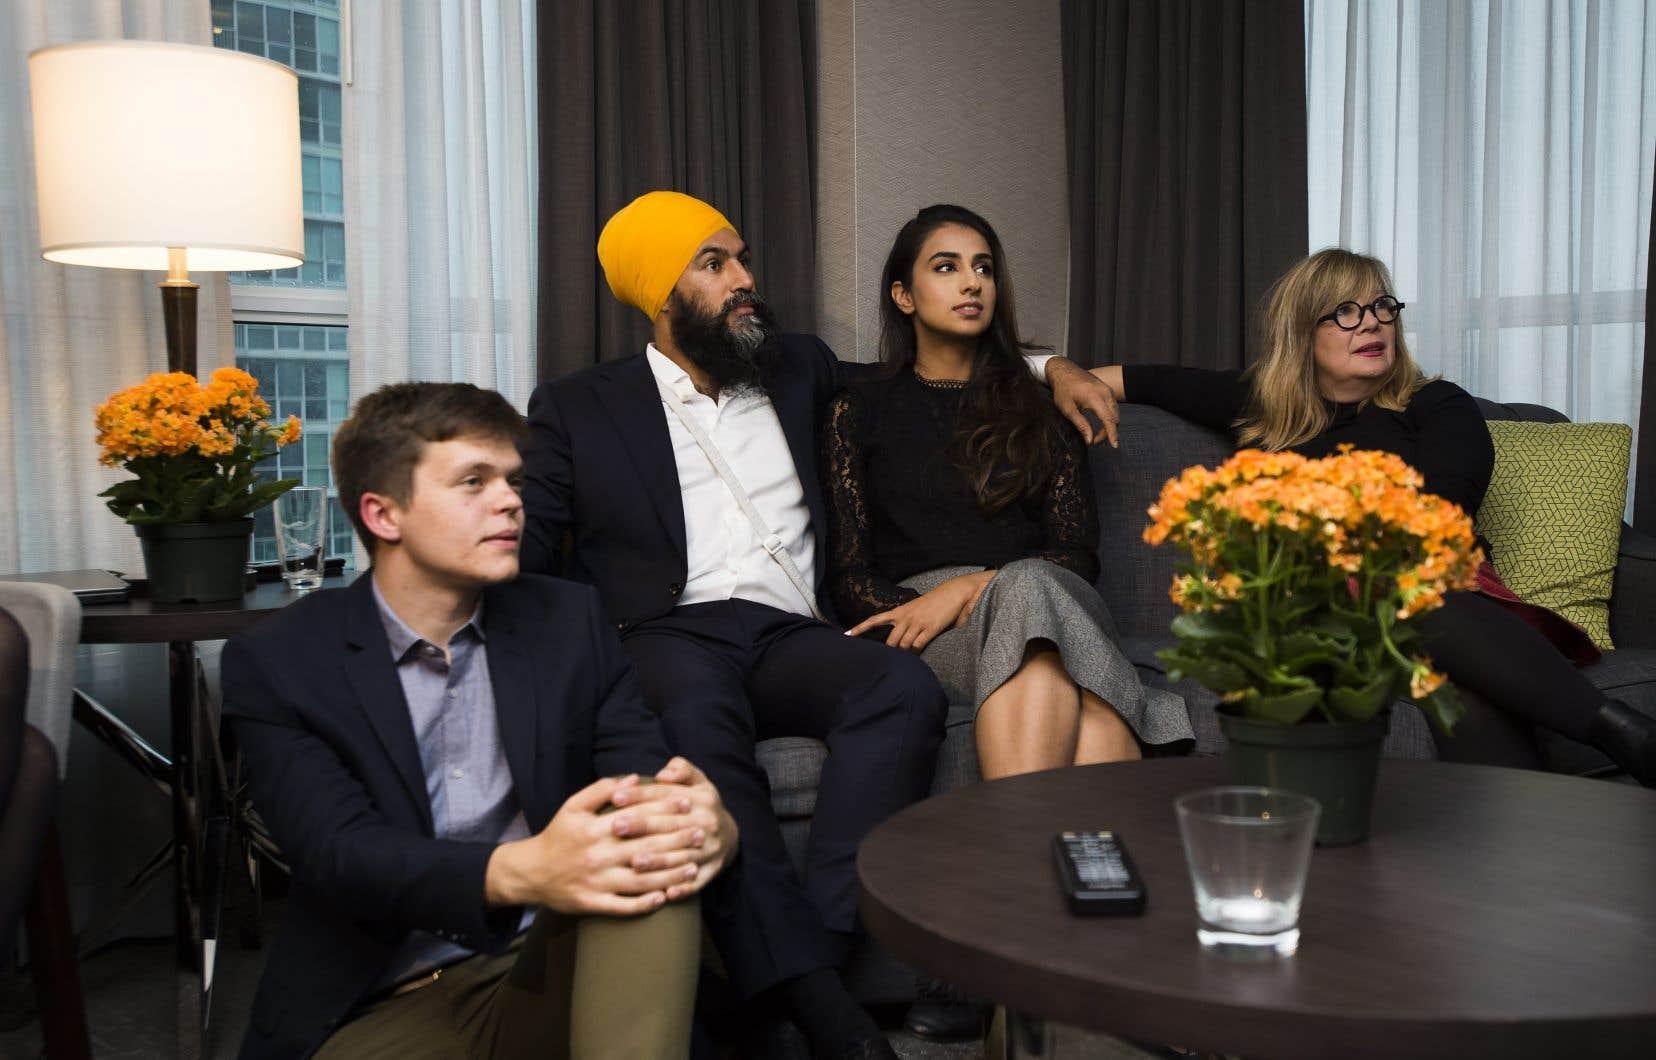 Le chef du parti, Jagmeet Singh, attendait les résultats, dans un hôtel de Burnaby, en Colombie-Britannique.